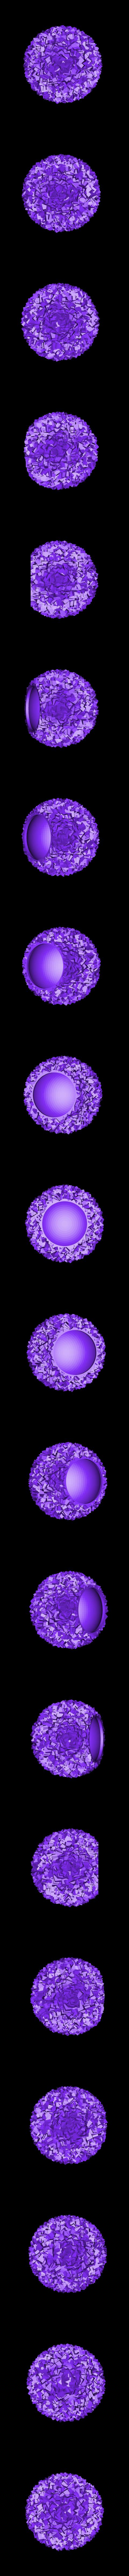 snowball_lights-frosted_cubes.stl Télécharger fichier STL gratuit Boule de neige lumières • Design pour impression 3D, Bolnarb